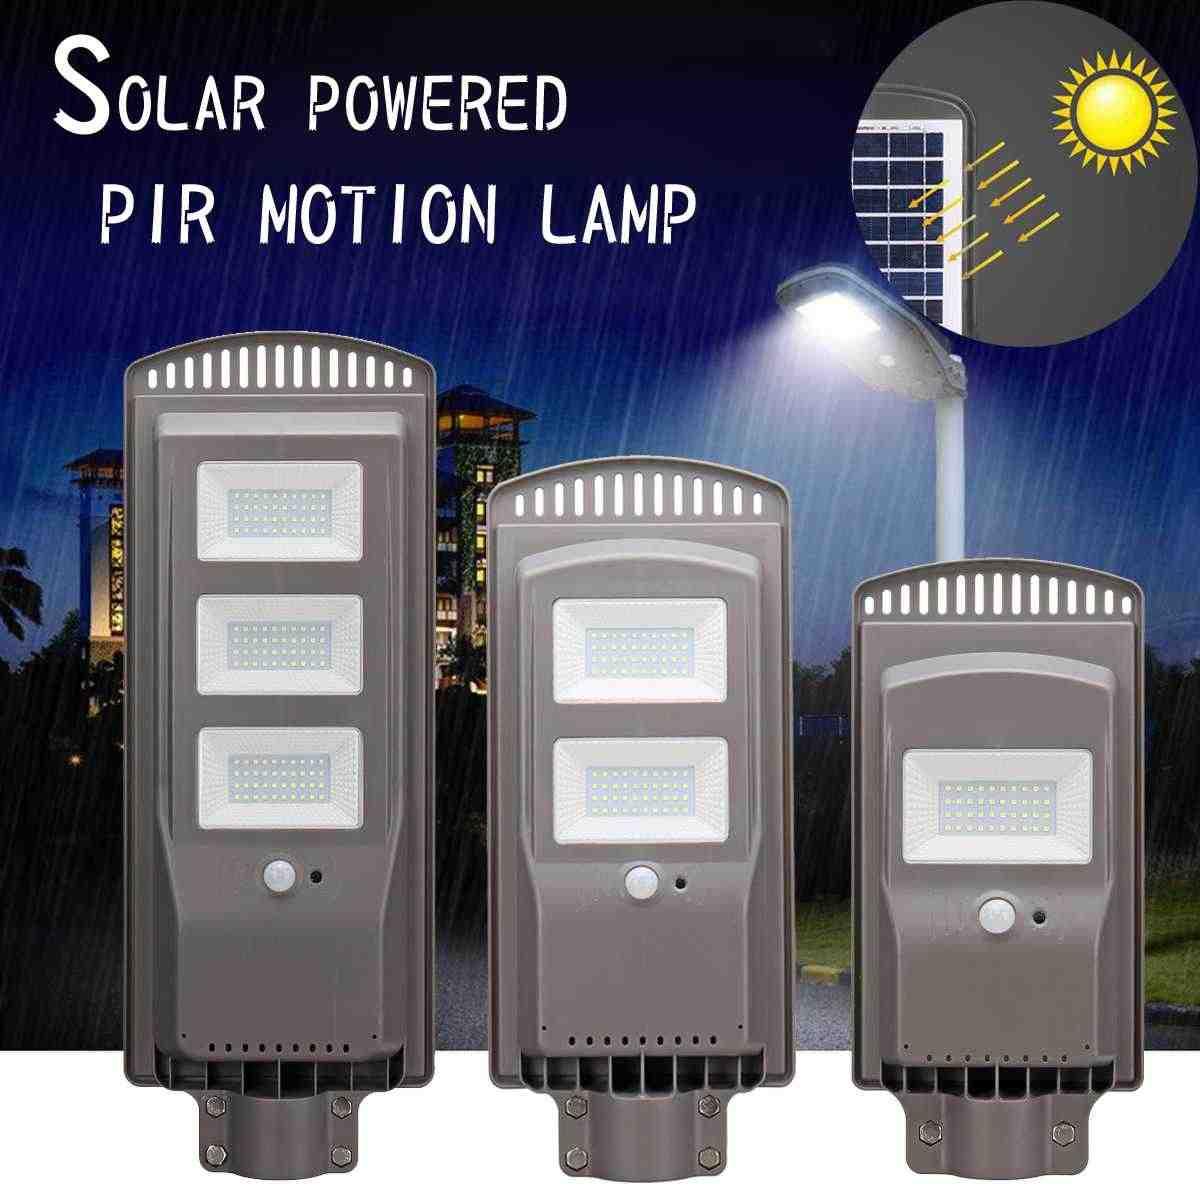 Светодиодный Сенсор Панели солнечные Мощность Уолл-стрит свет 20/40/60 W движения PIR лампа Водонепроницаемый IP67/50 см стержень для крепления для наружного освещения